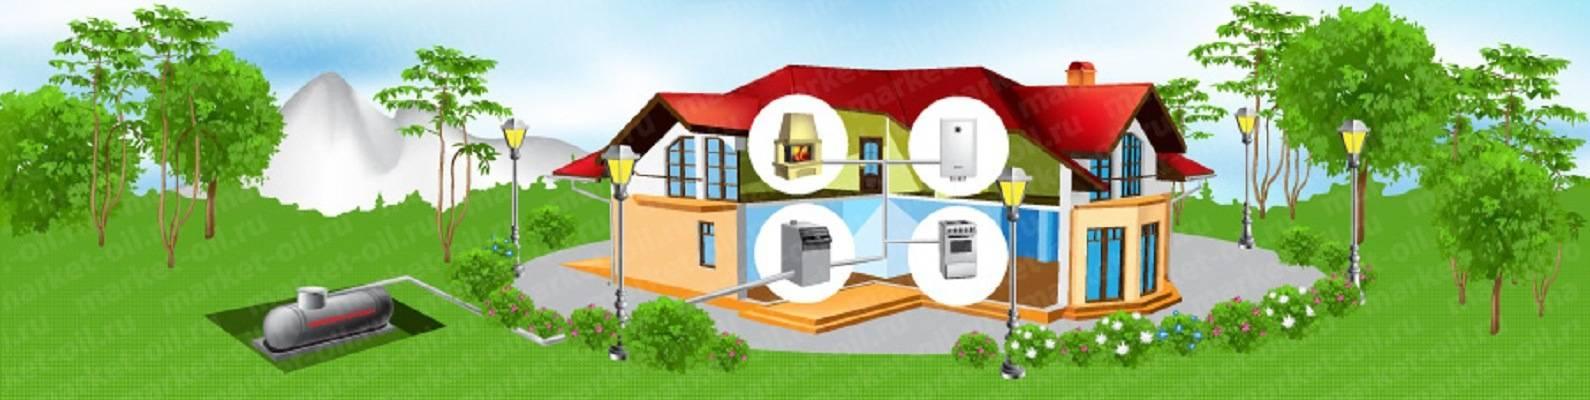 Что выгоднее для отопления газ или электричество. отопление частного дома - электричество или газ